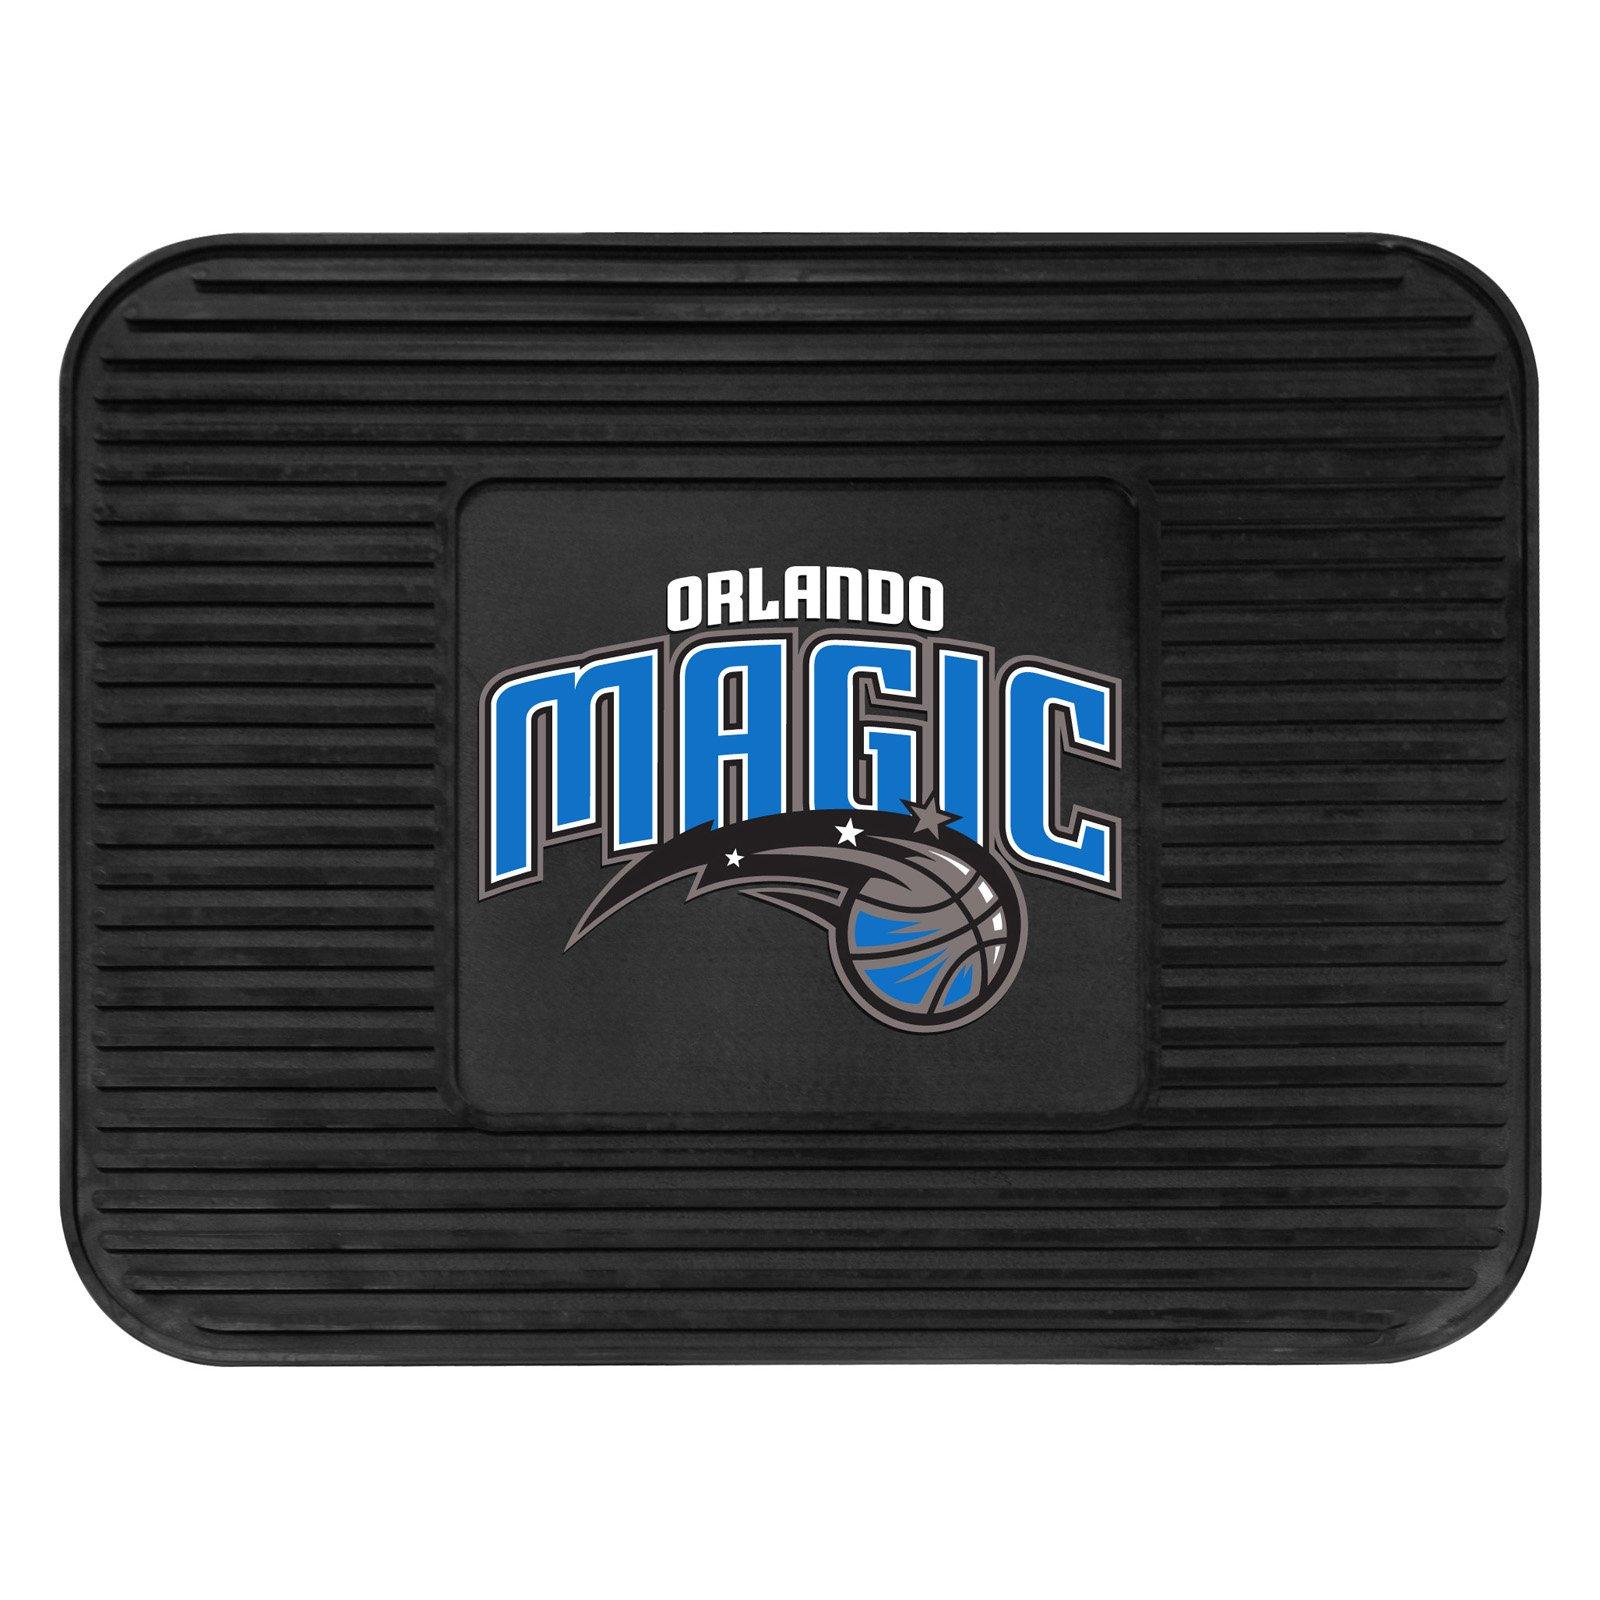 Fanmats NBA 14 x 17 in. Utility Mat